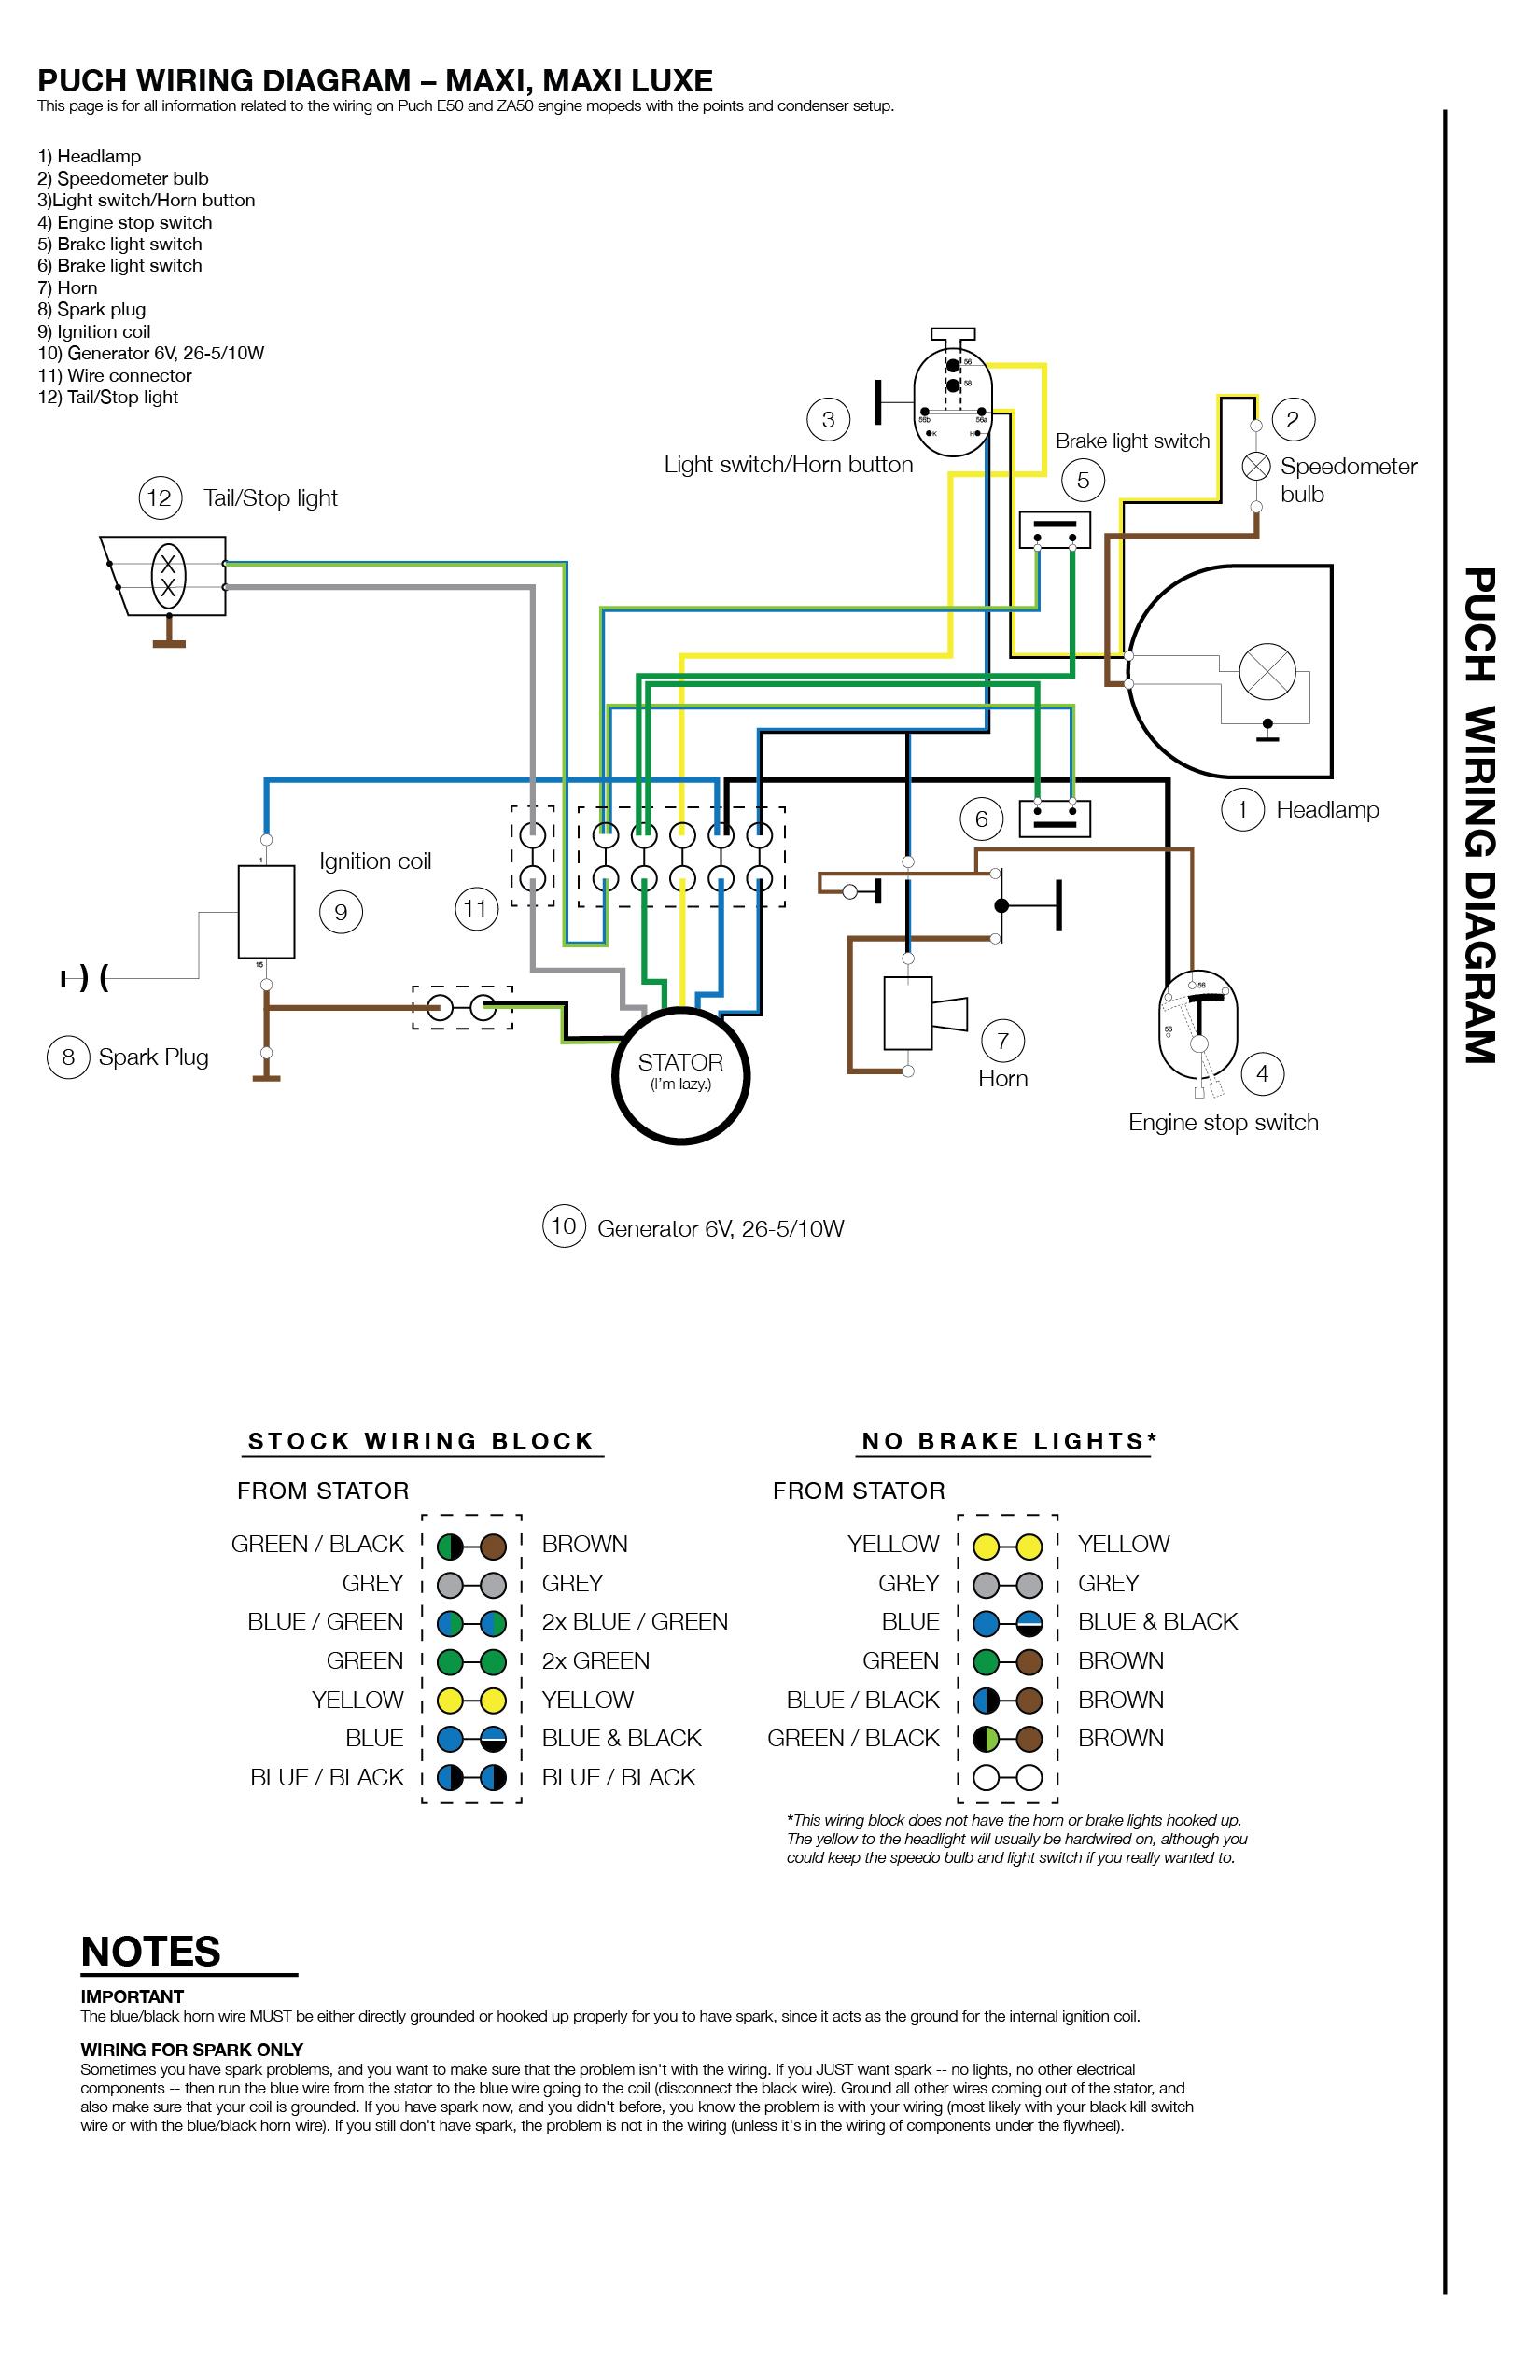 Outstanding Car Brake Light Wiring Diagram Basic Electronics Wiring Diagram Wiring Cloud Rometaidewilluminateatxorg